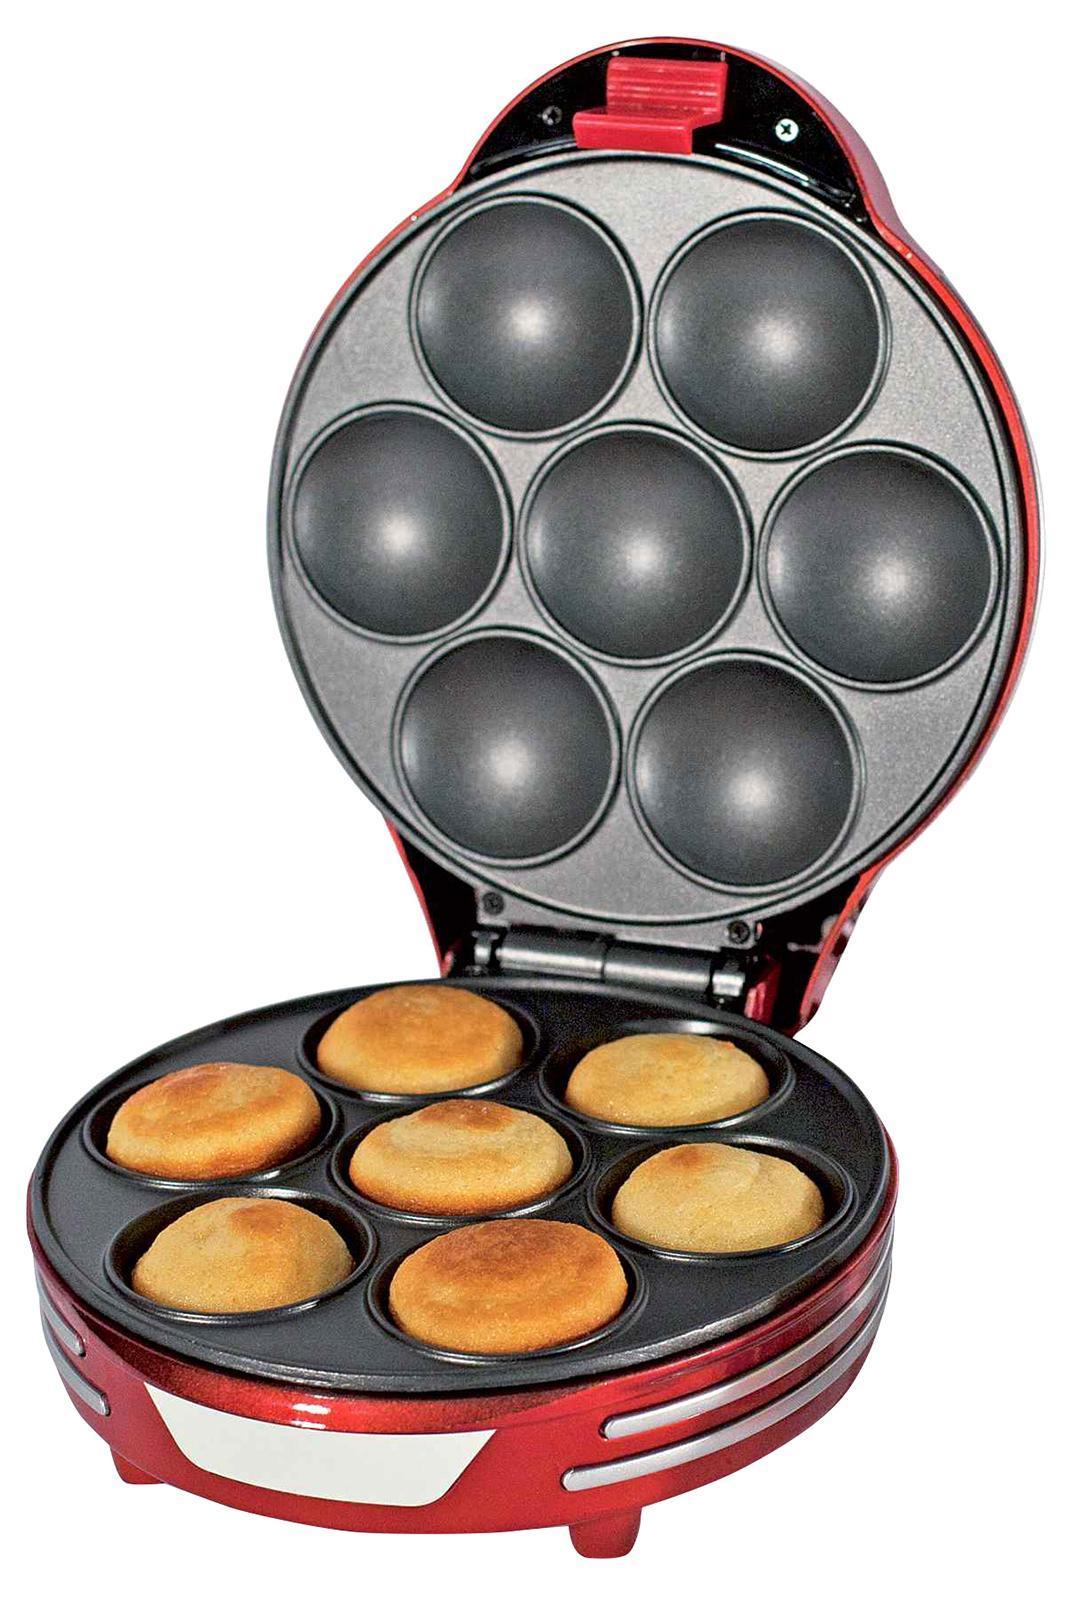 Ariete 188 Party Time, Red прибор для приготовления маффинов - Блинницы и вафельницы